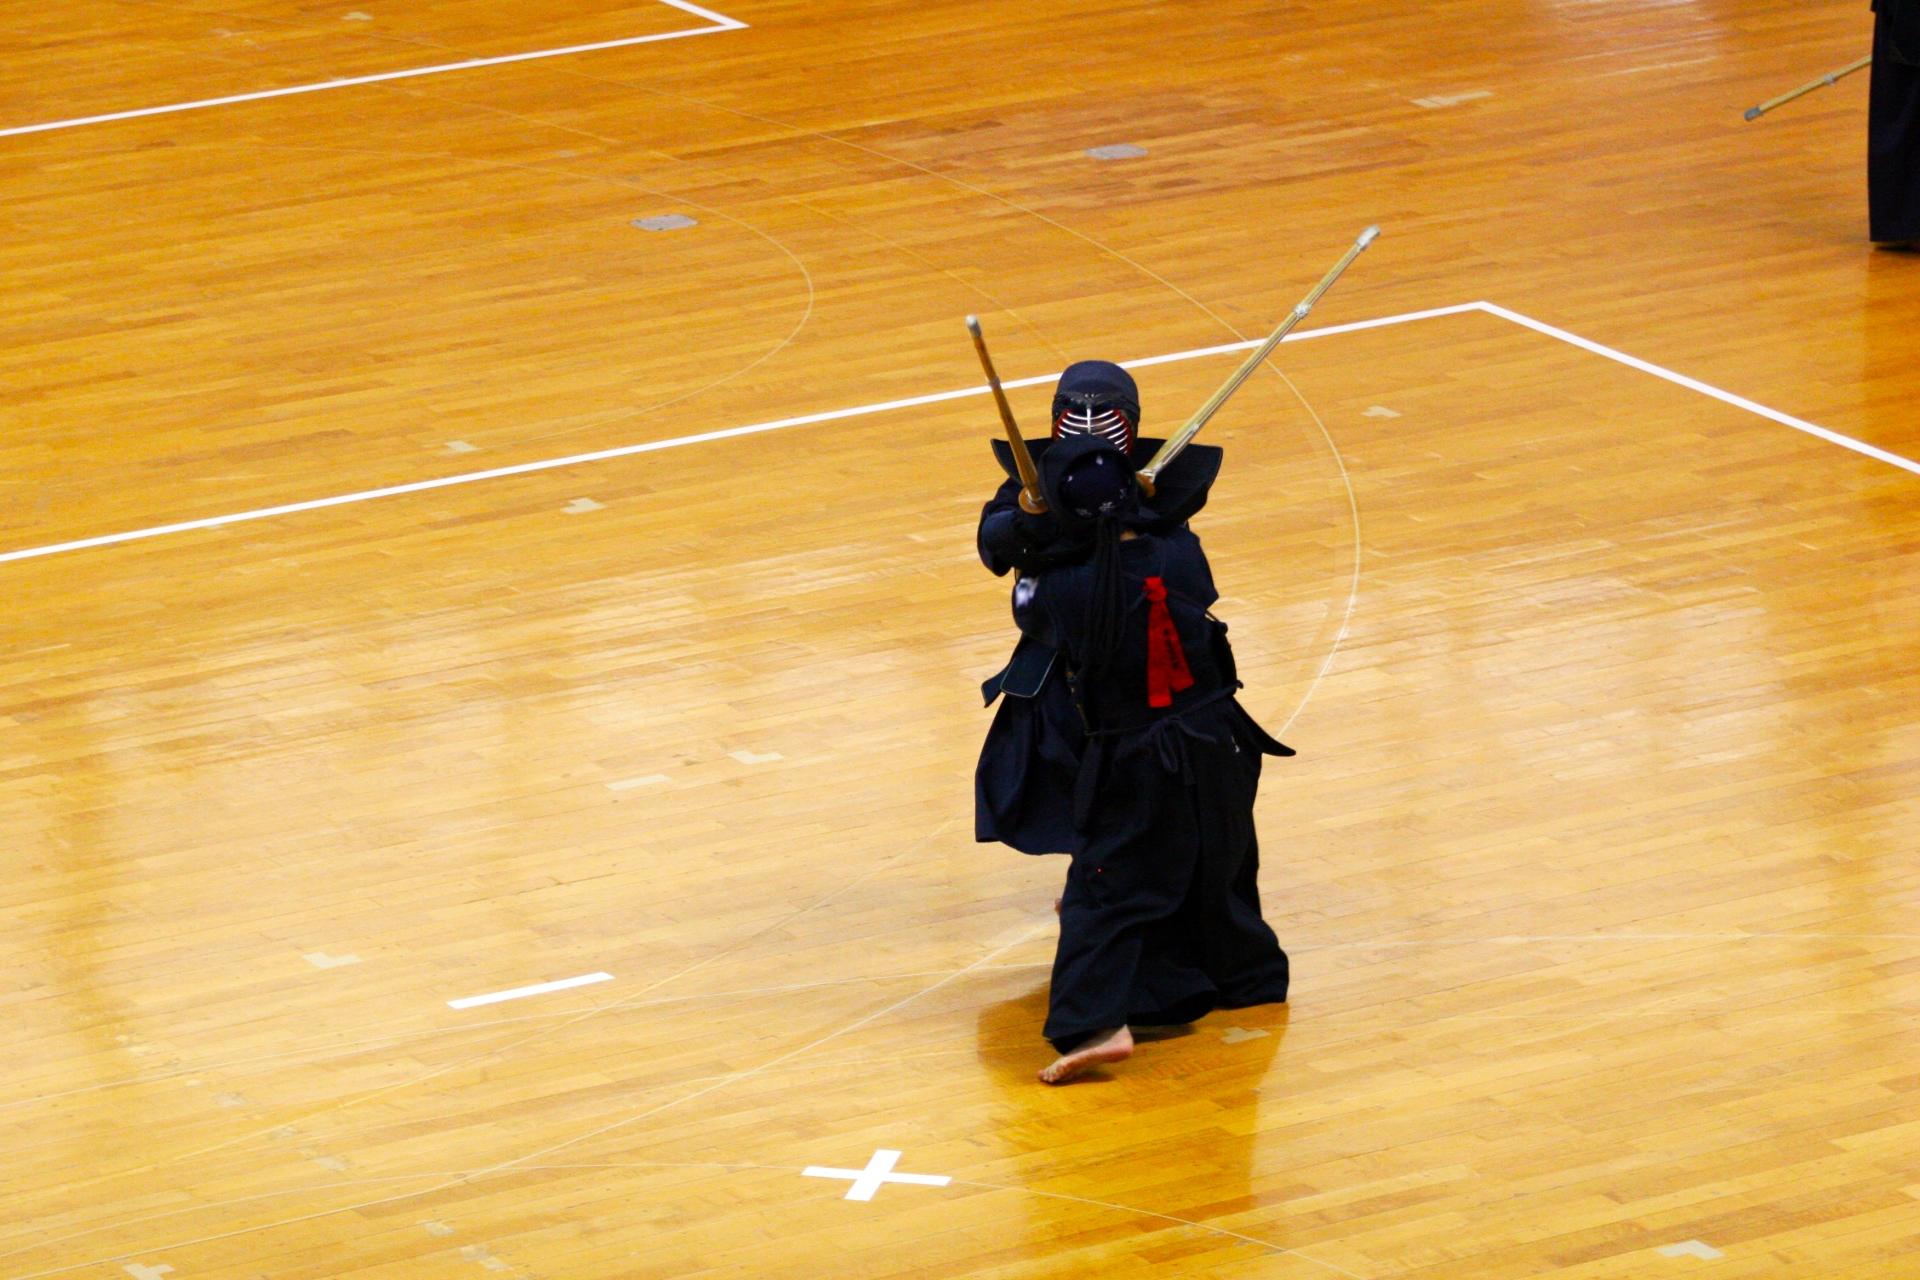 柔剣道場フローリングメンテナンス